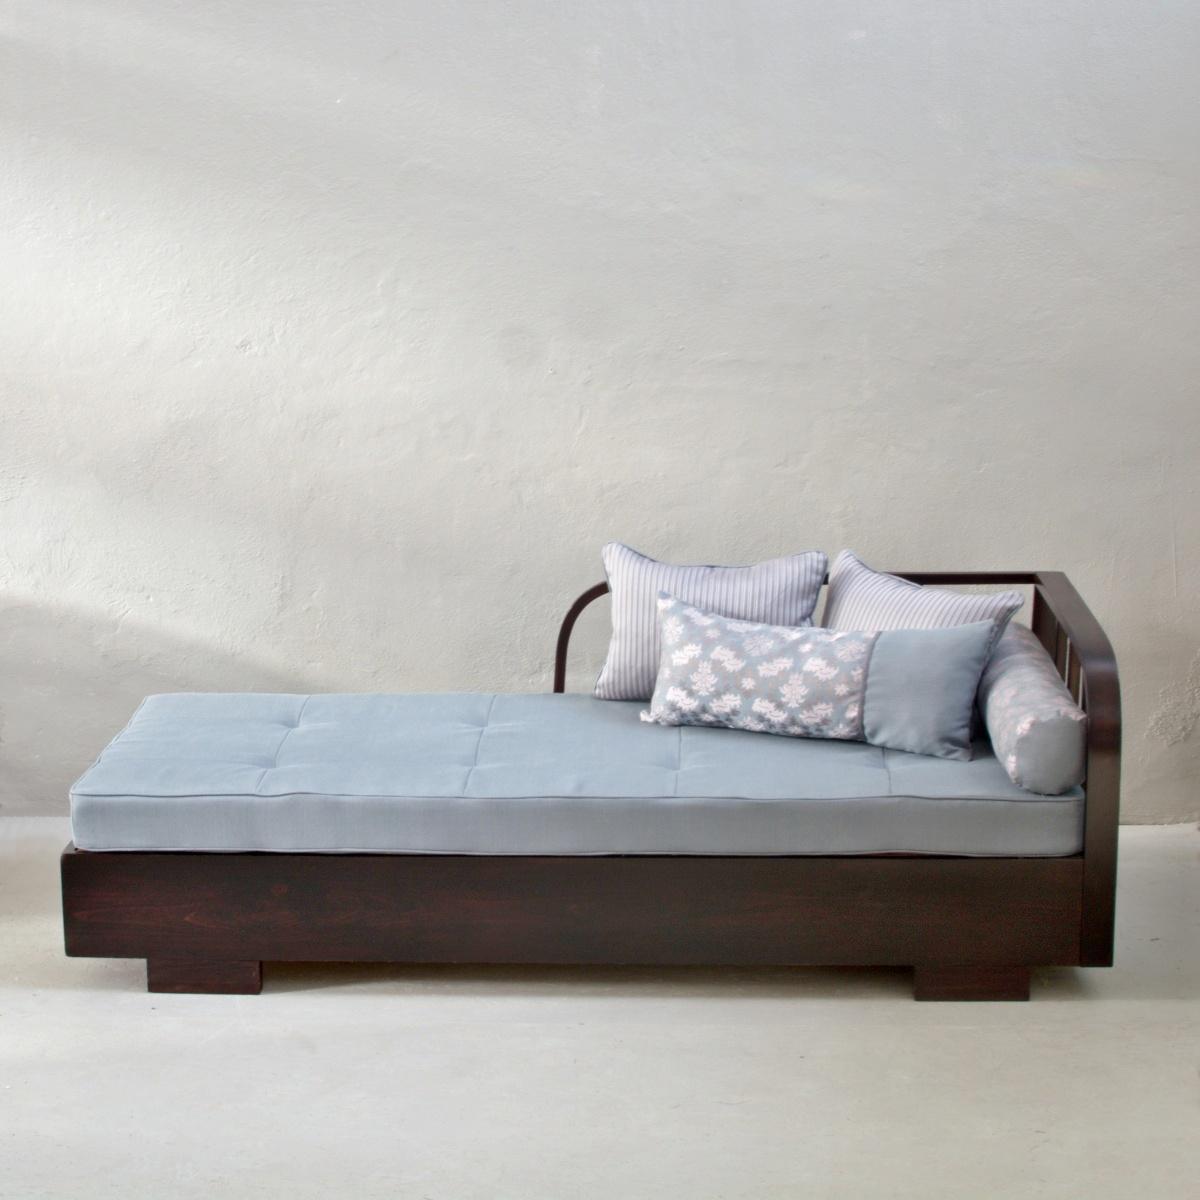 Prodej retro nábytku retro pohovka